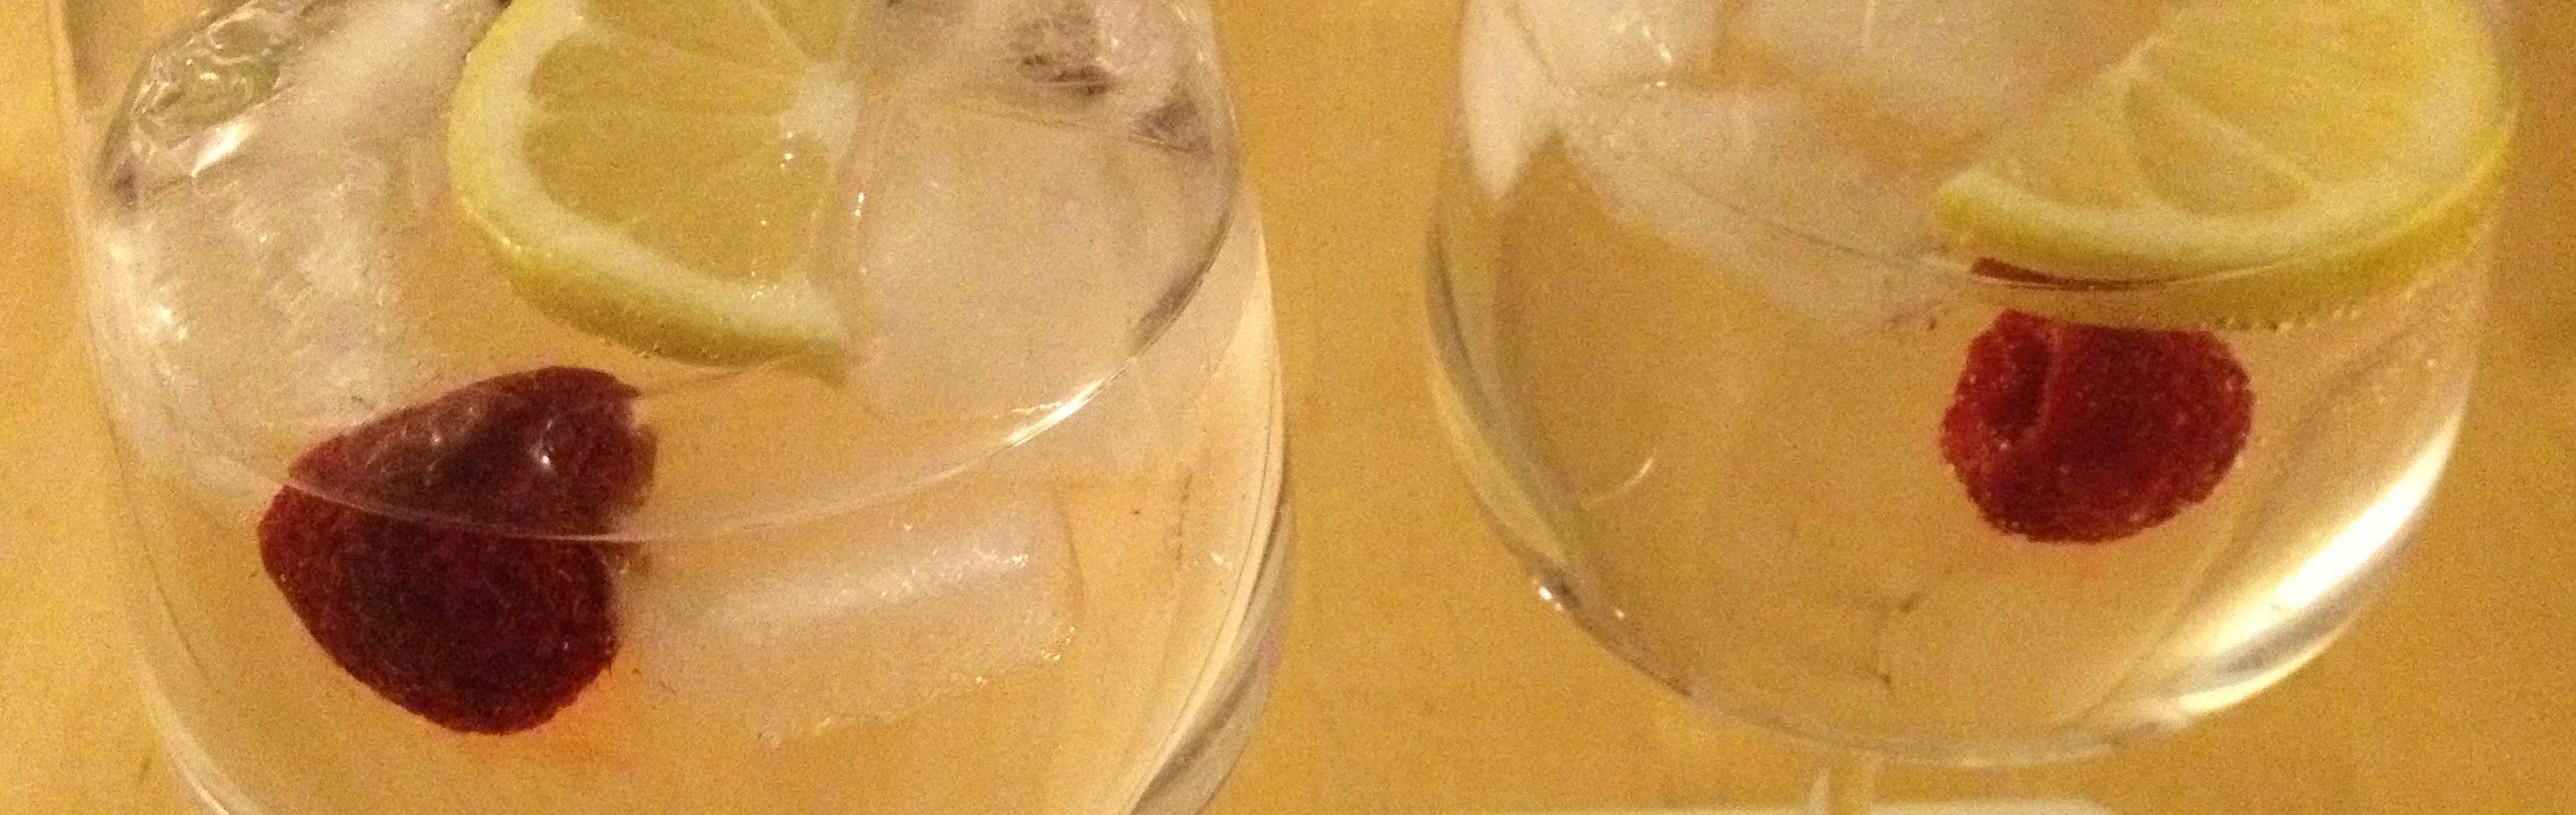 Longdrink_des_jahres_2014_cocktail_bar_dresden